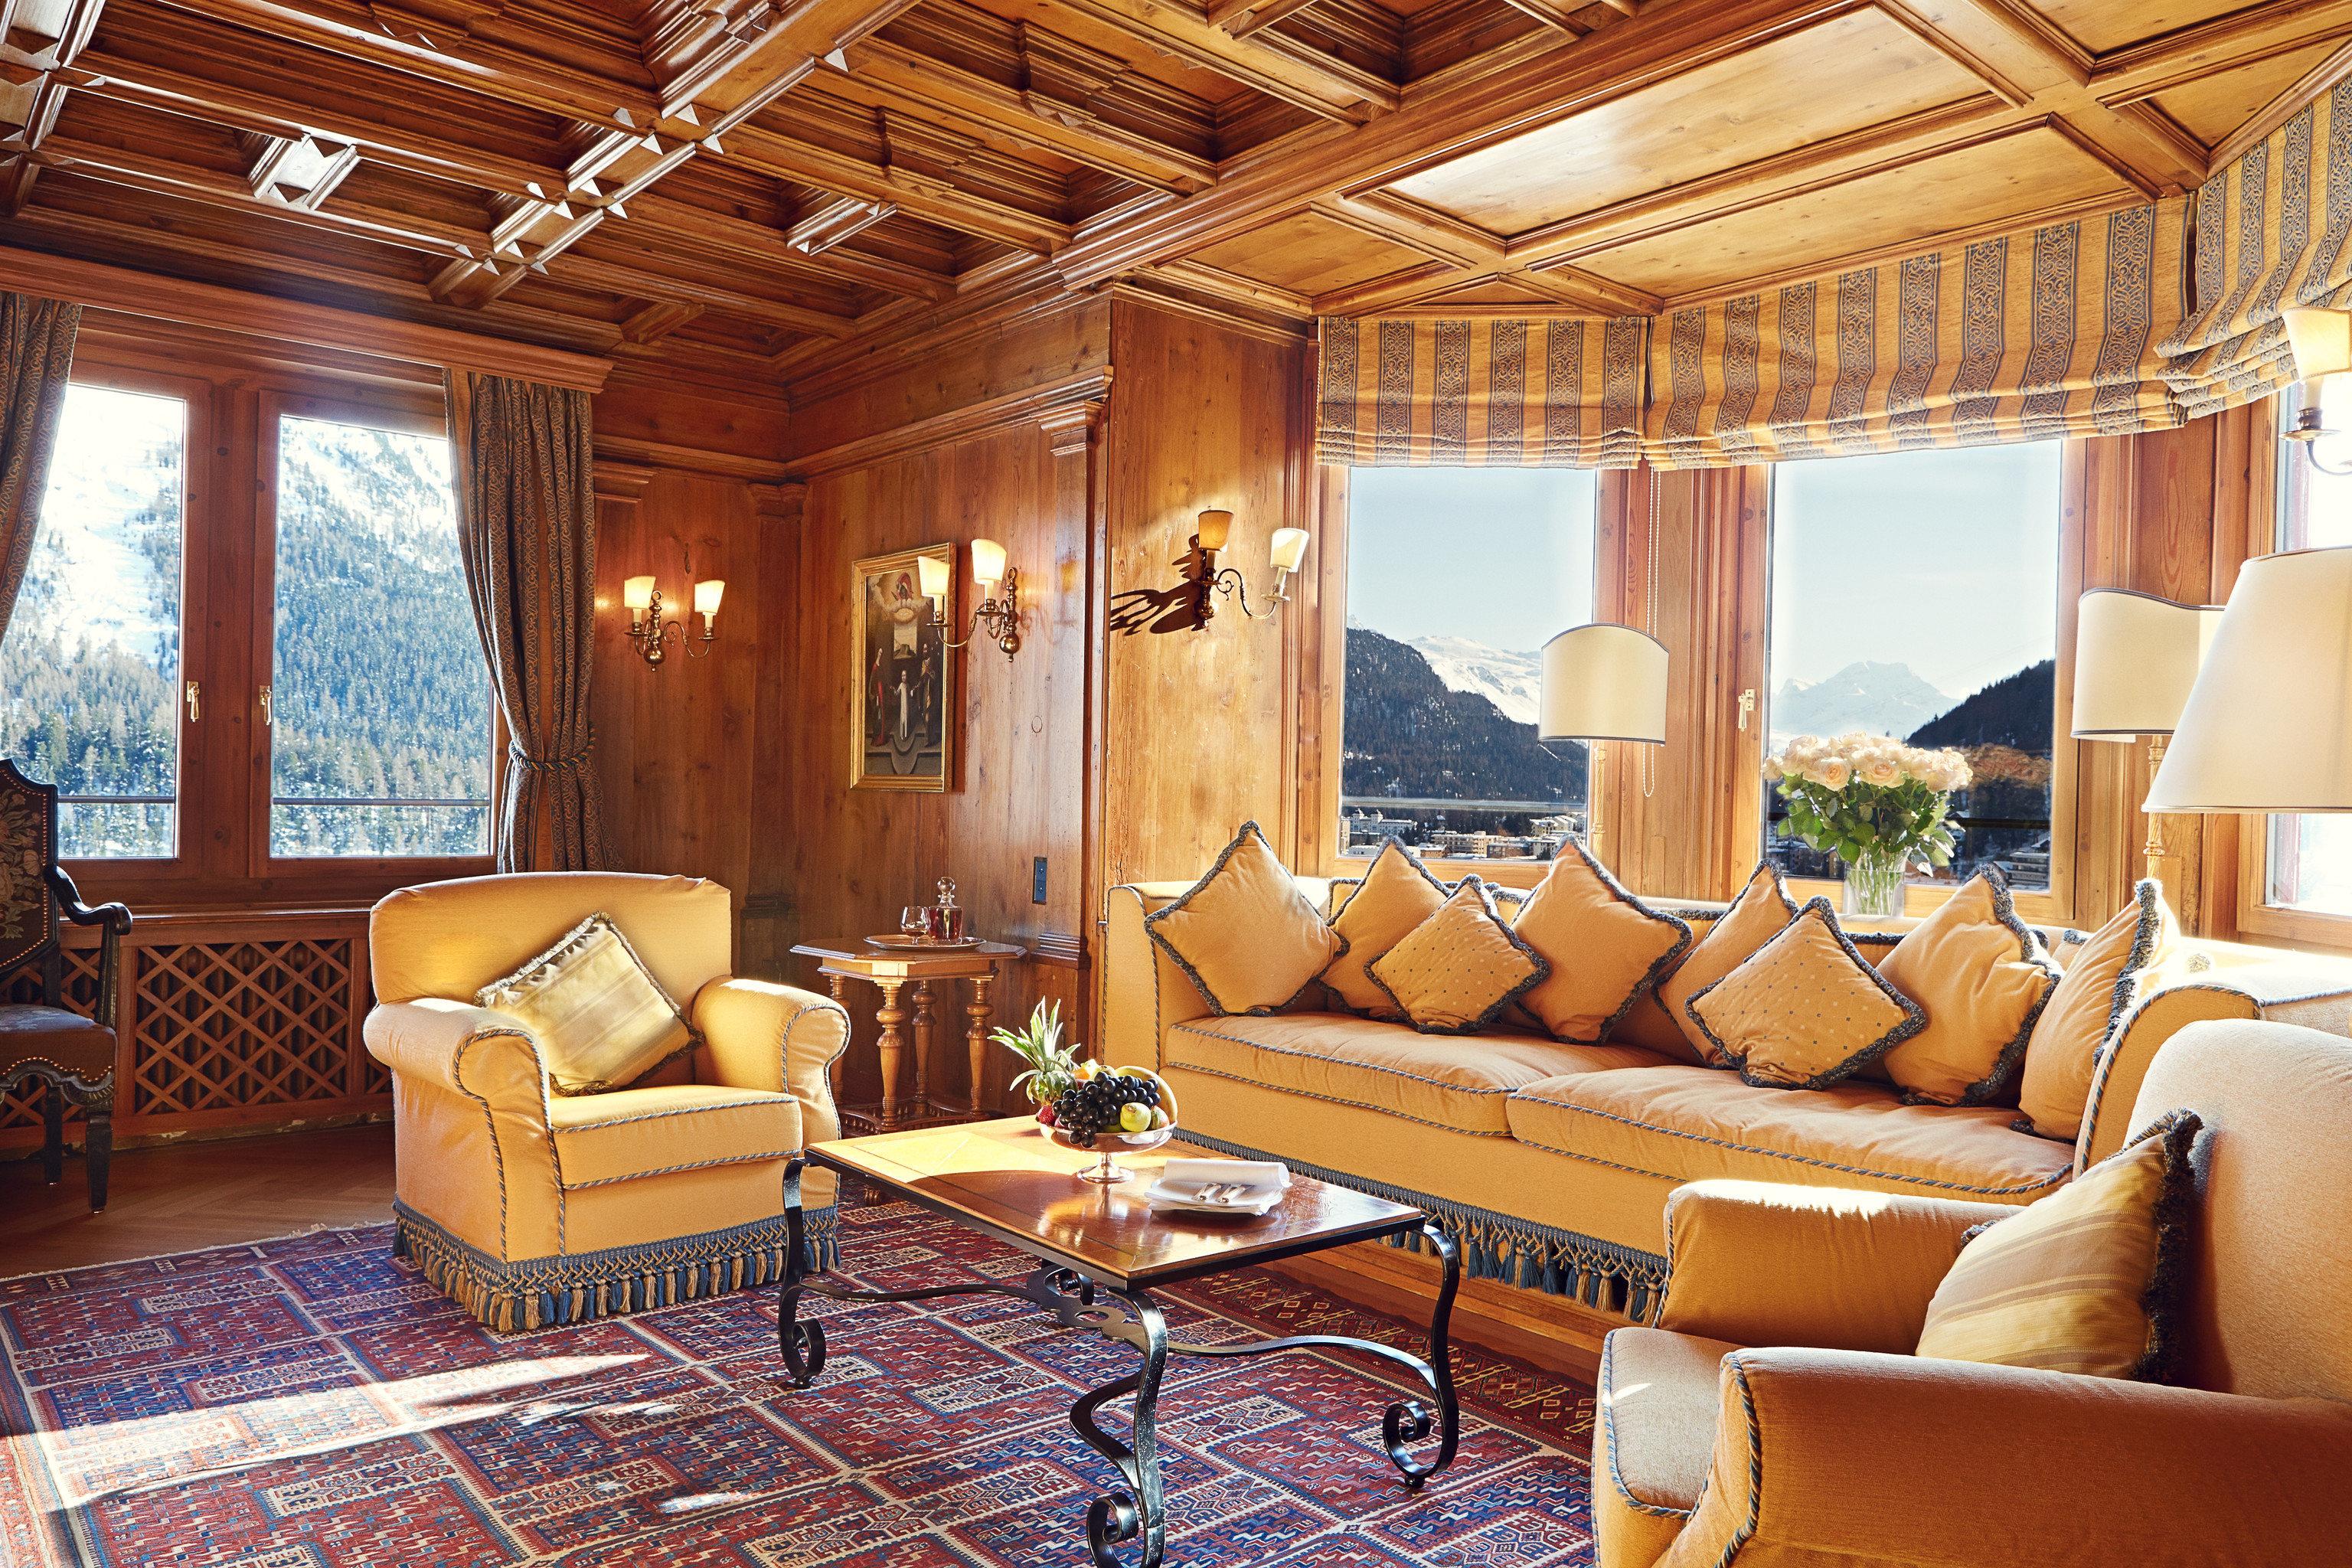 Hotels sofa living room property home Suite Resort Villa mansion cottage Lobby log cabin rug